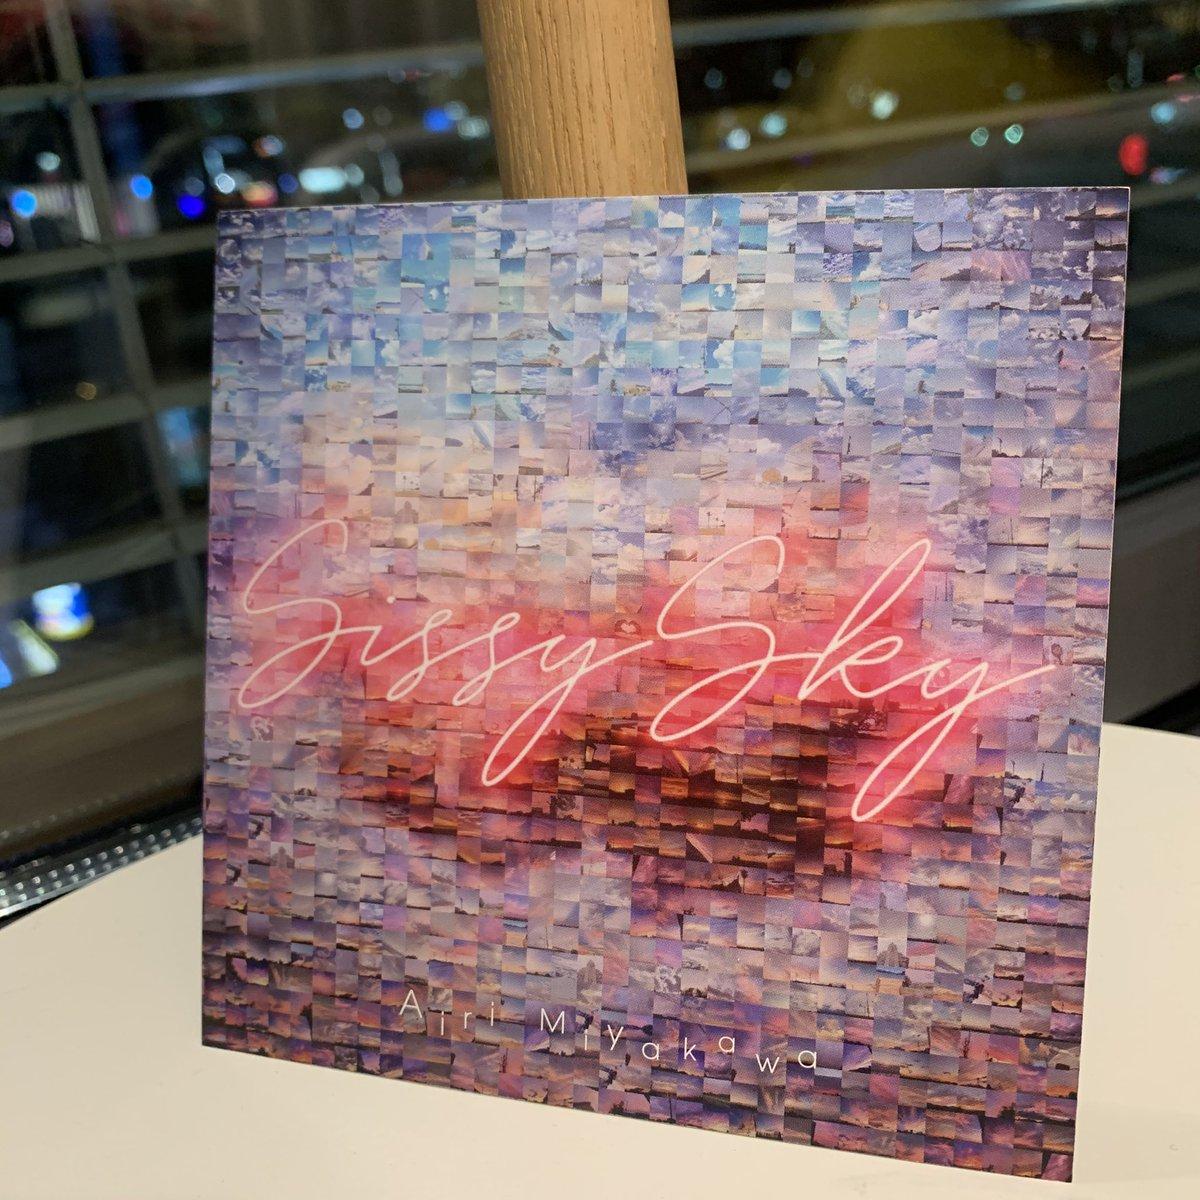 皆さんから頂いた空の写真でモザイクアートアナザージャケットが完成しました👏👏👏本日のネットサイン会では、このアナザージャケットにサインしていきます🎶【ネットサイン会番組URL】…